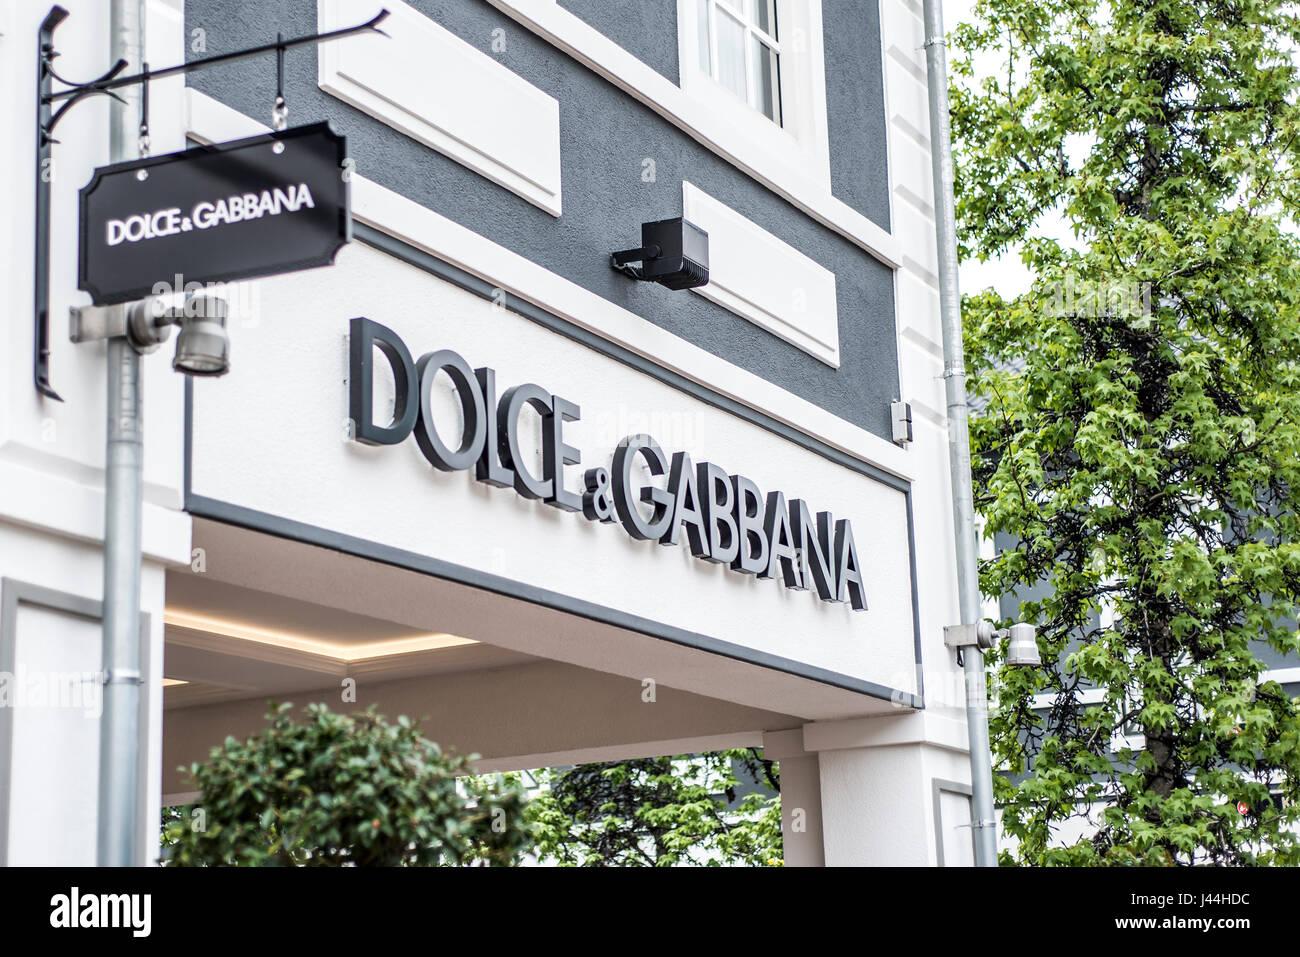 super popular 9d92d 5270a Dolce Gabbana Men Stock Photos & Dolce Gabbana Men Stock ...